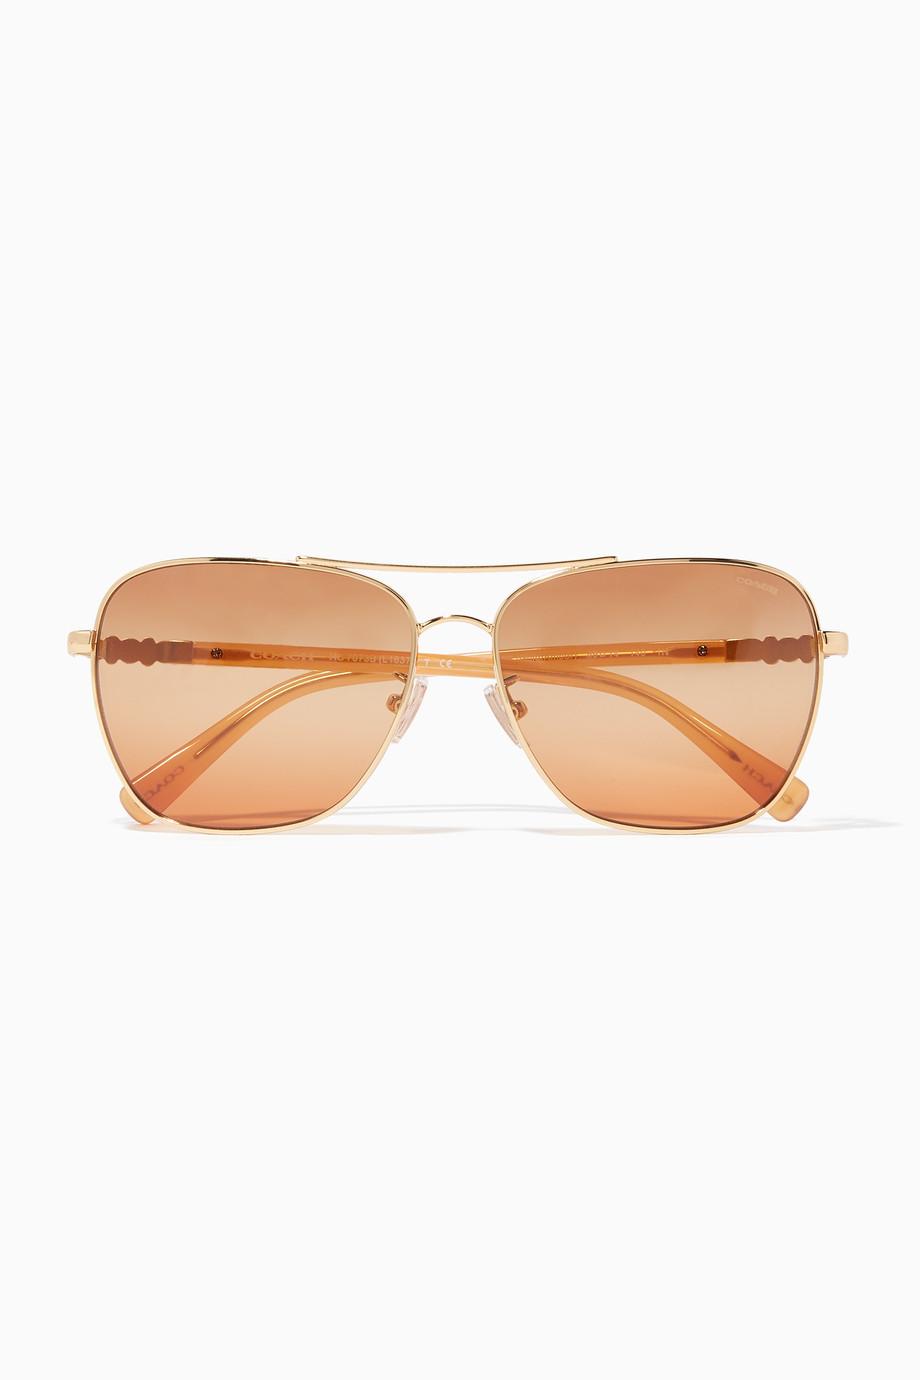 6540931bcd8b7 Shop Coach Brown Gold-Amber Daisy-Rivet Pilot Sunglasses for Women ...